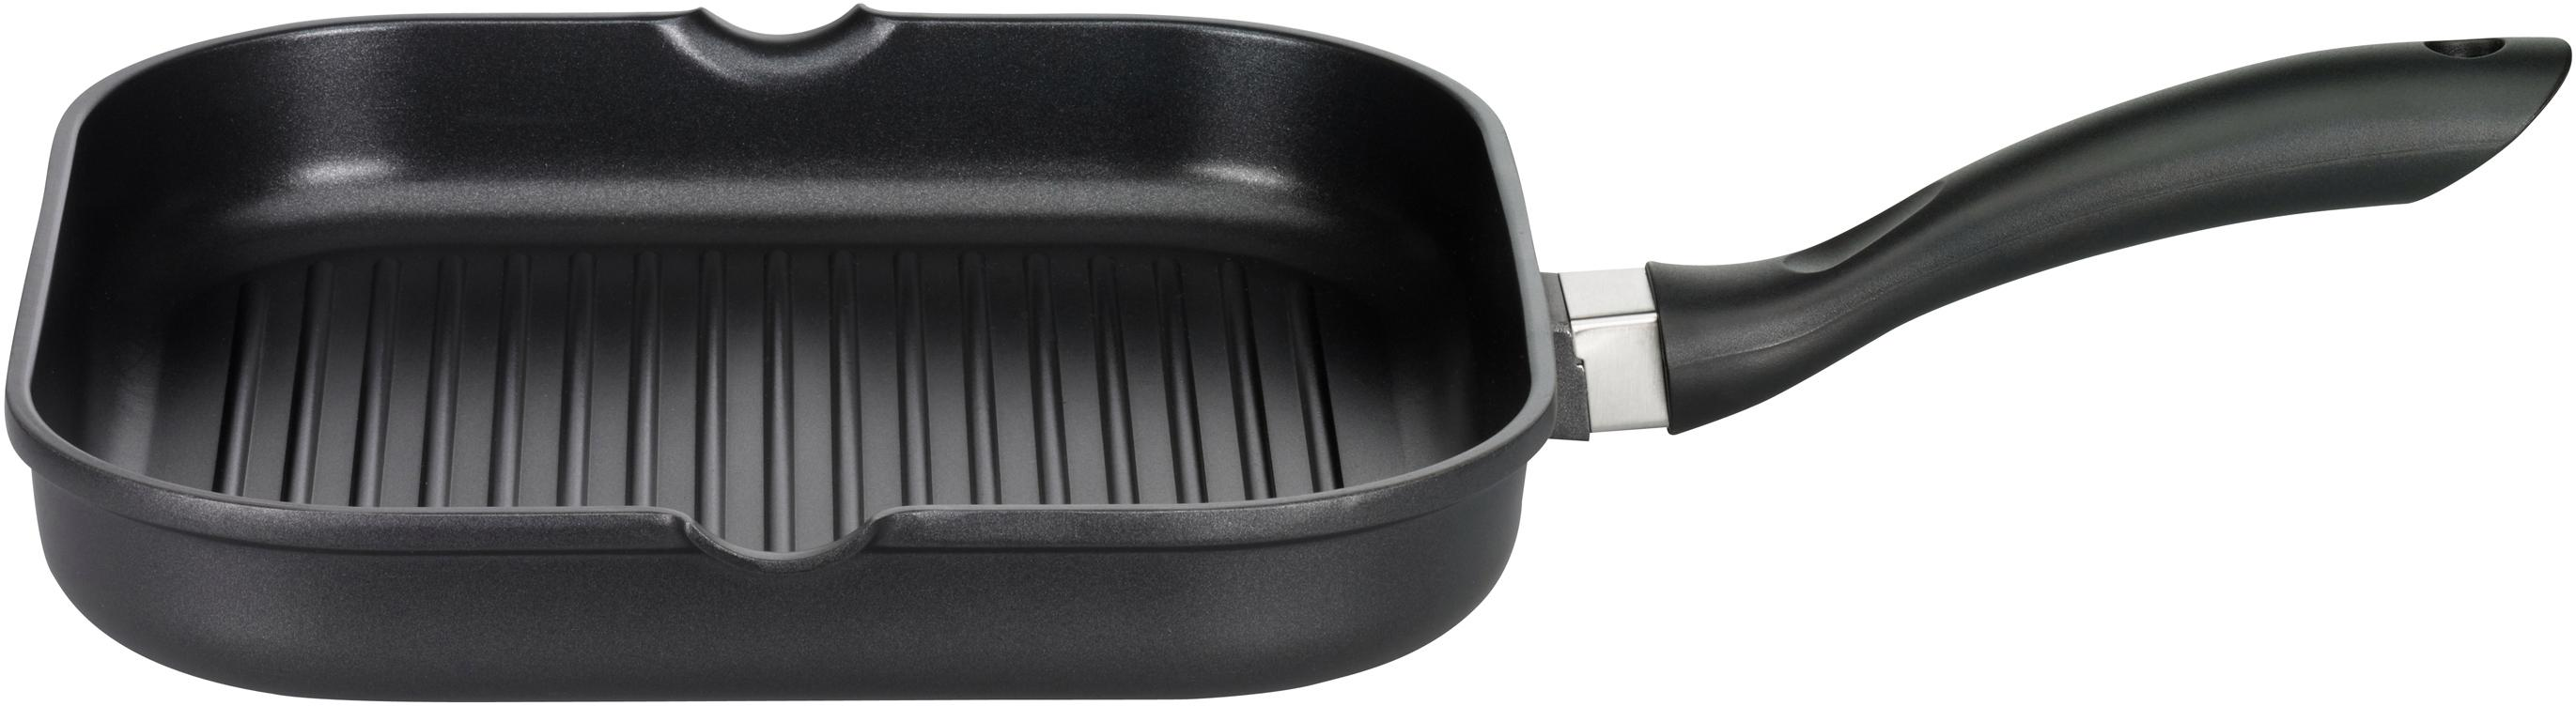 Elo - Meine Küche Grillpfanne »Excellent«   Küche und Esszimmer > Küchenelektrogeräte > Küche Grill   Schwarz   Aluminium   ELO